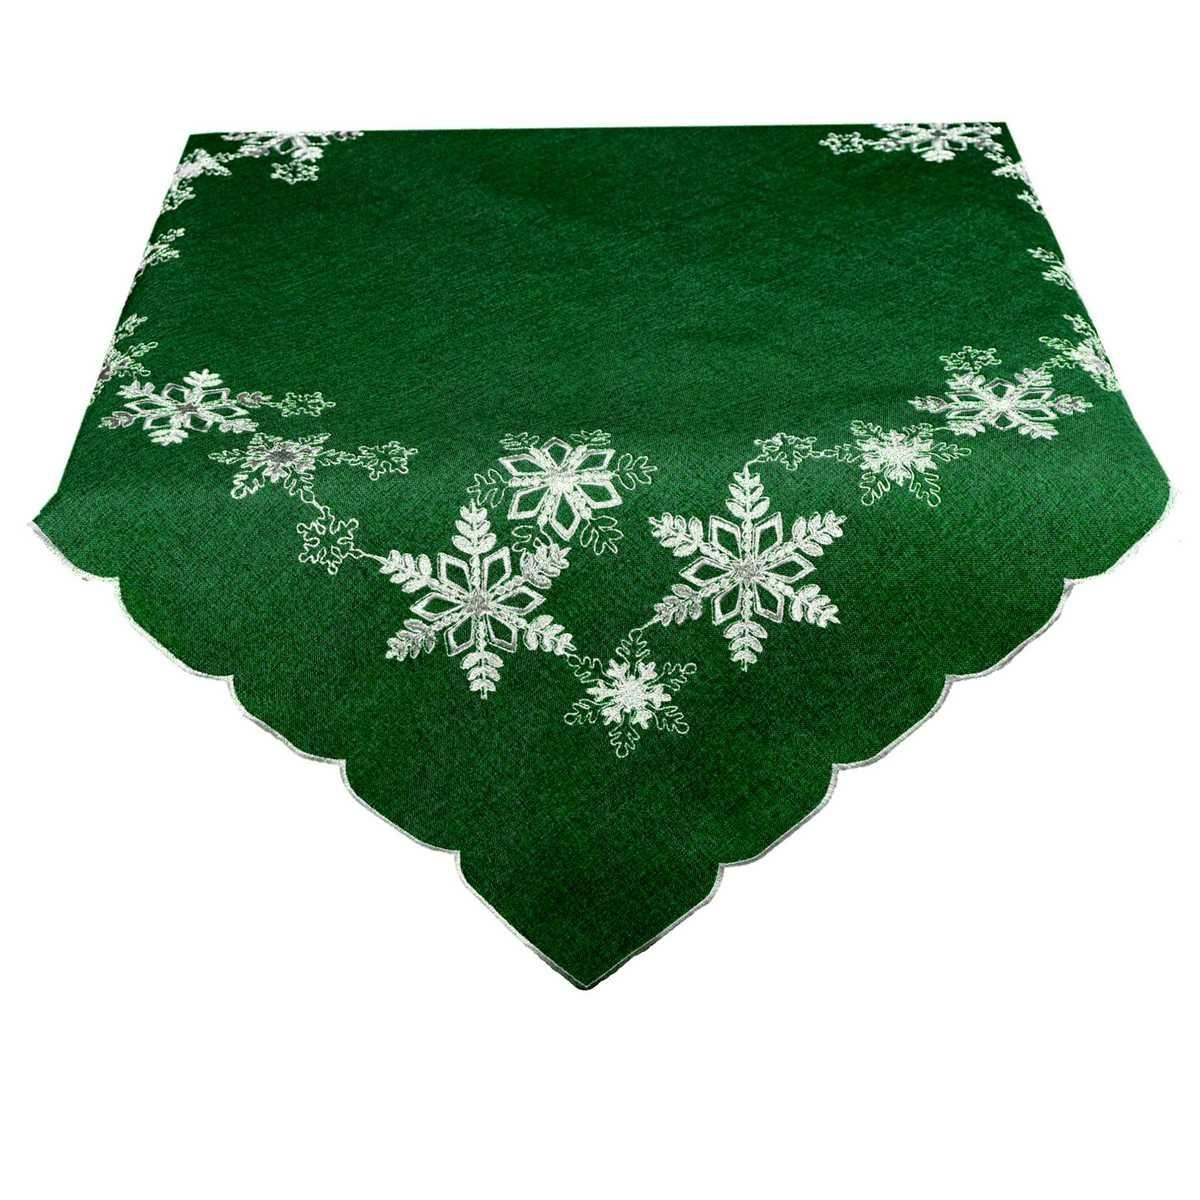 BO-MA Trading Vánoční ubrus Vločky zelená, 85 x 85 cm